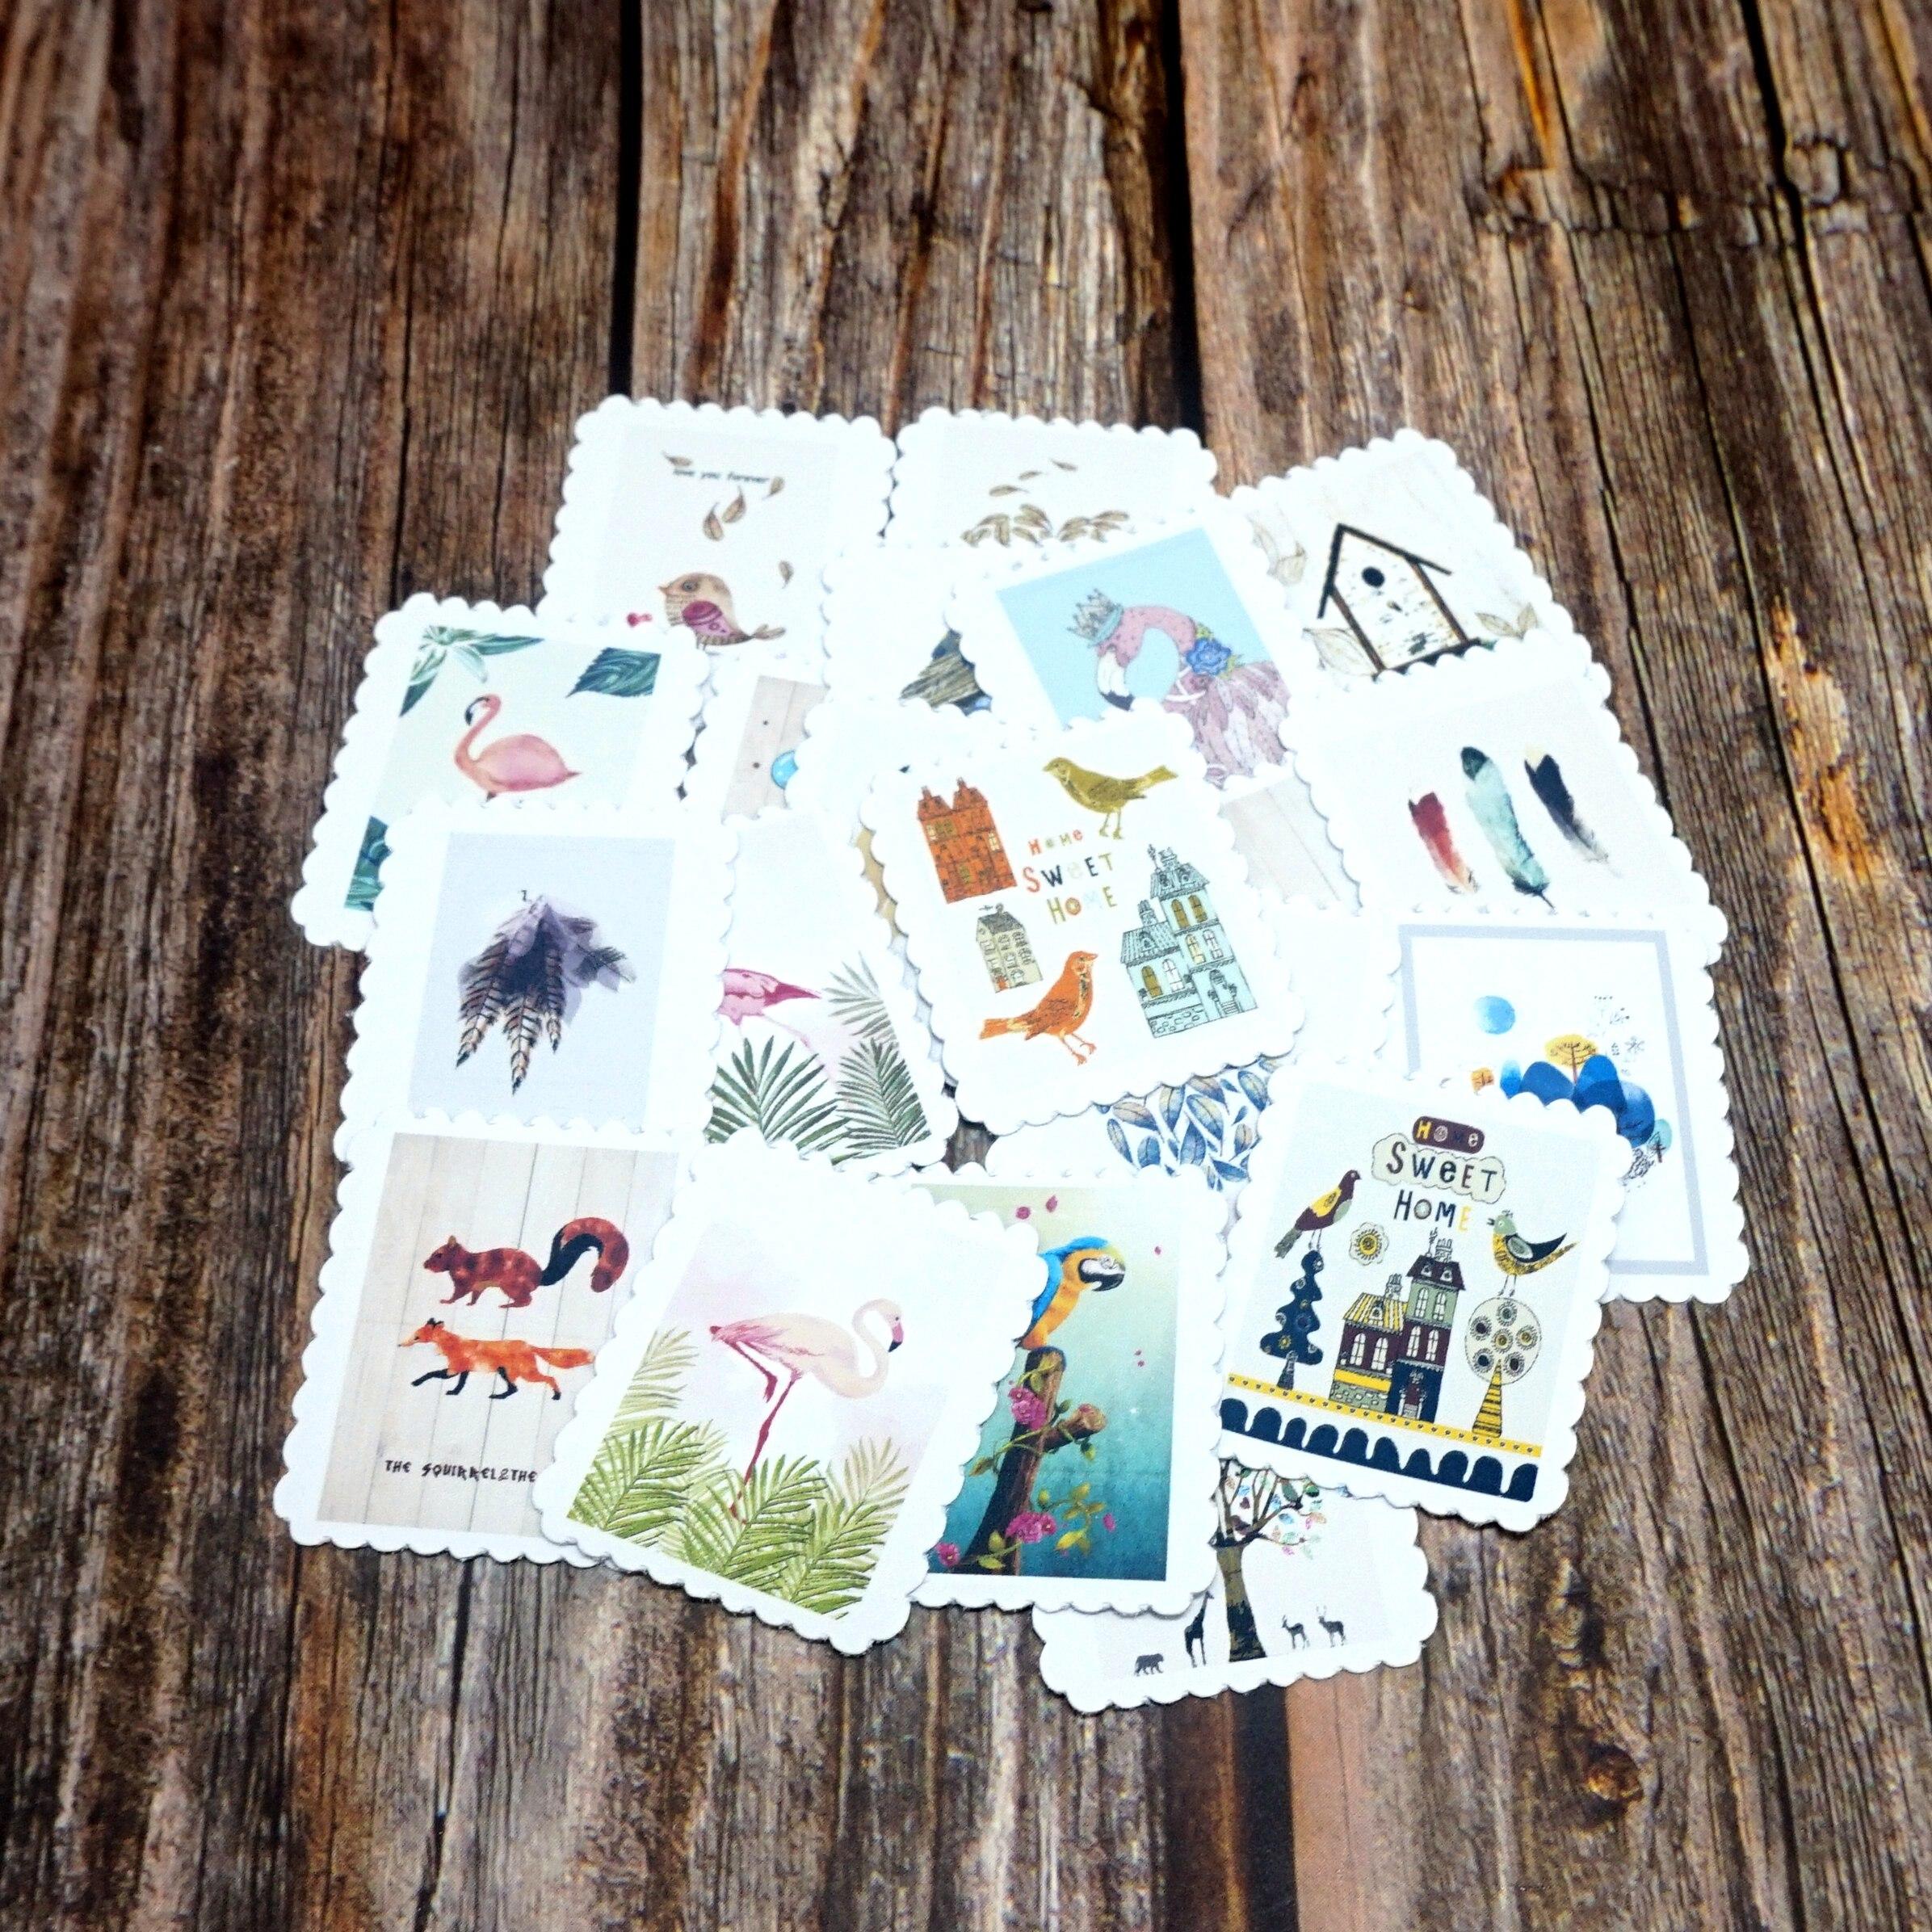 22 шт. водонепроницаемые наклейки Kawaii с животными, сделай сам, дневник в стиле Скрапбукинг, наклейка на этикетку, милые канцелярские принадле...